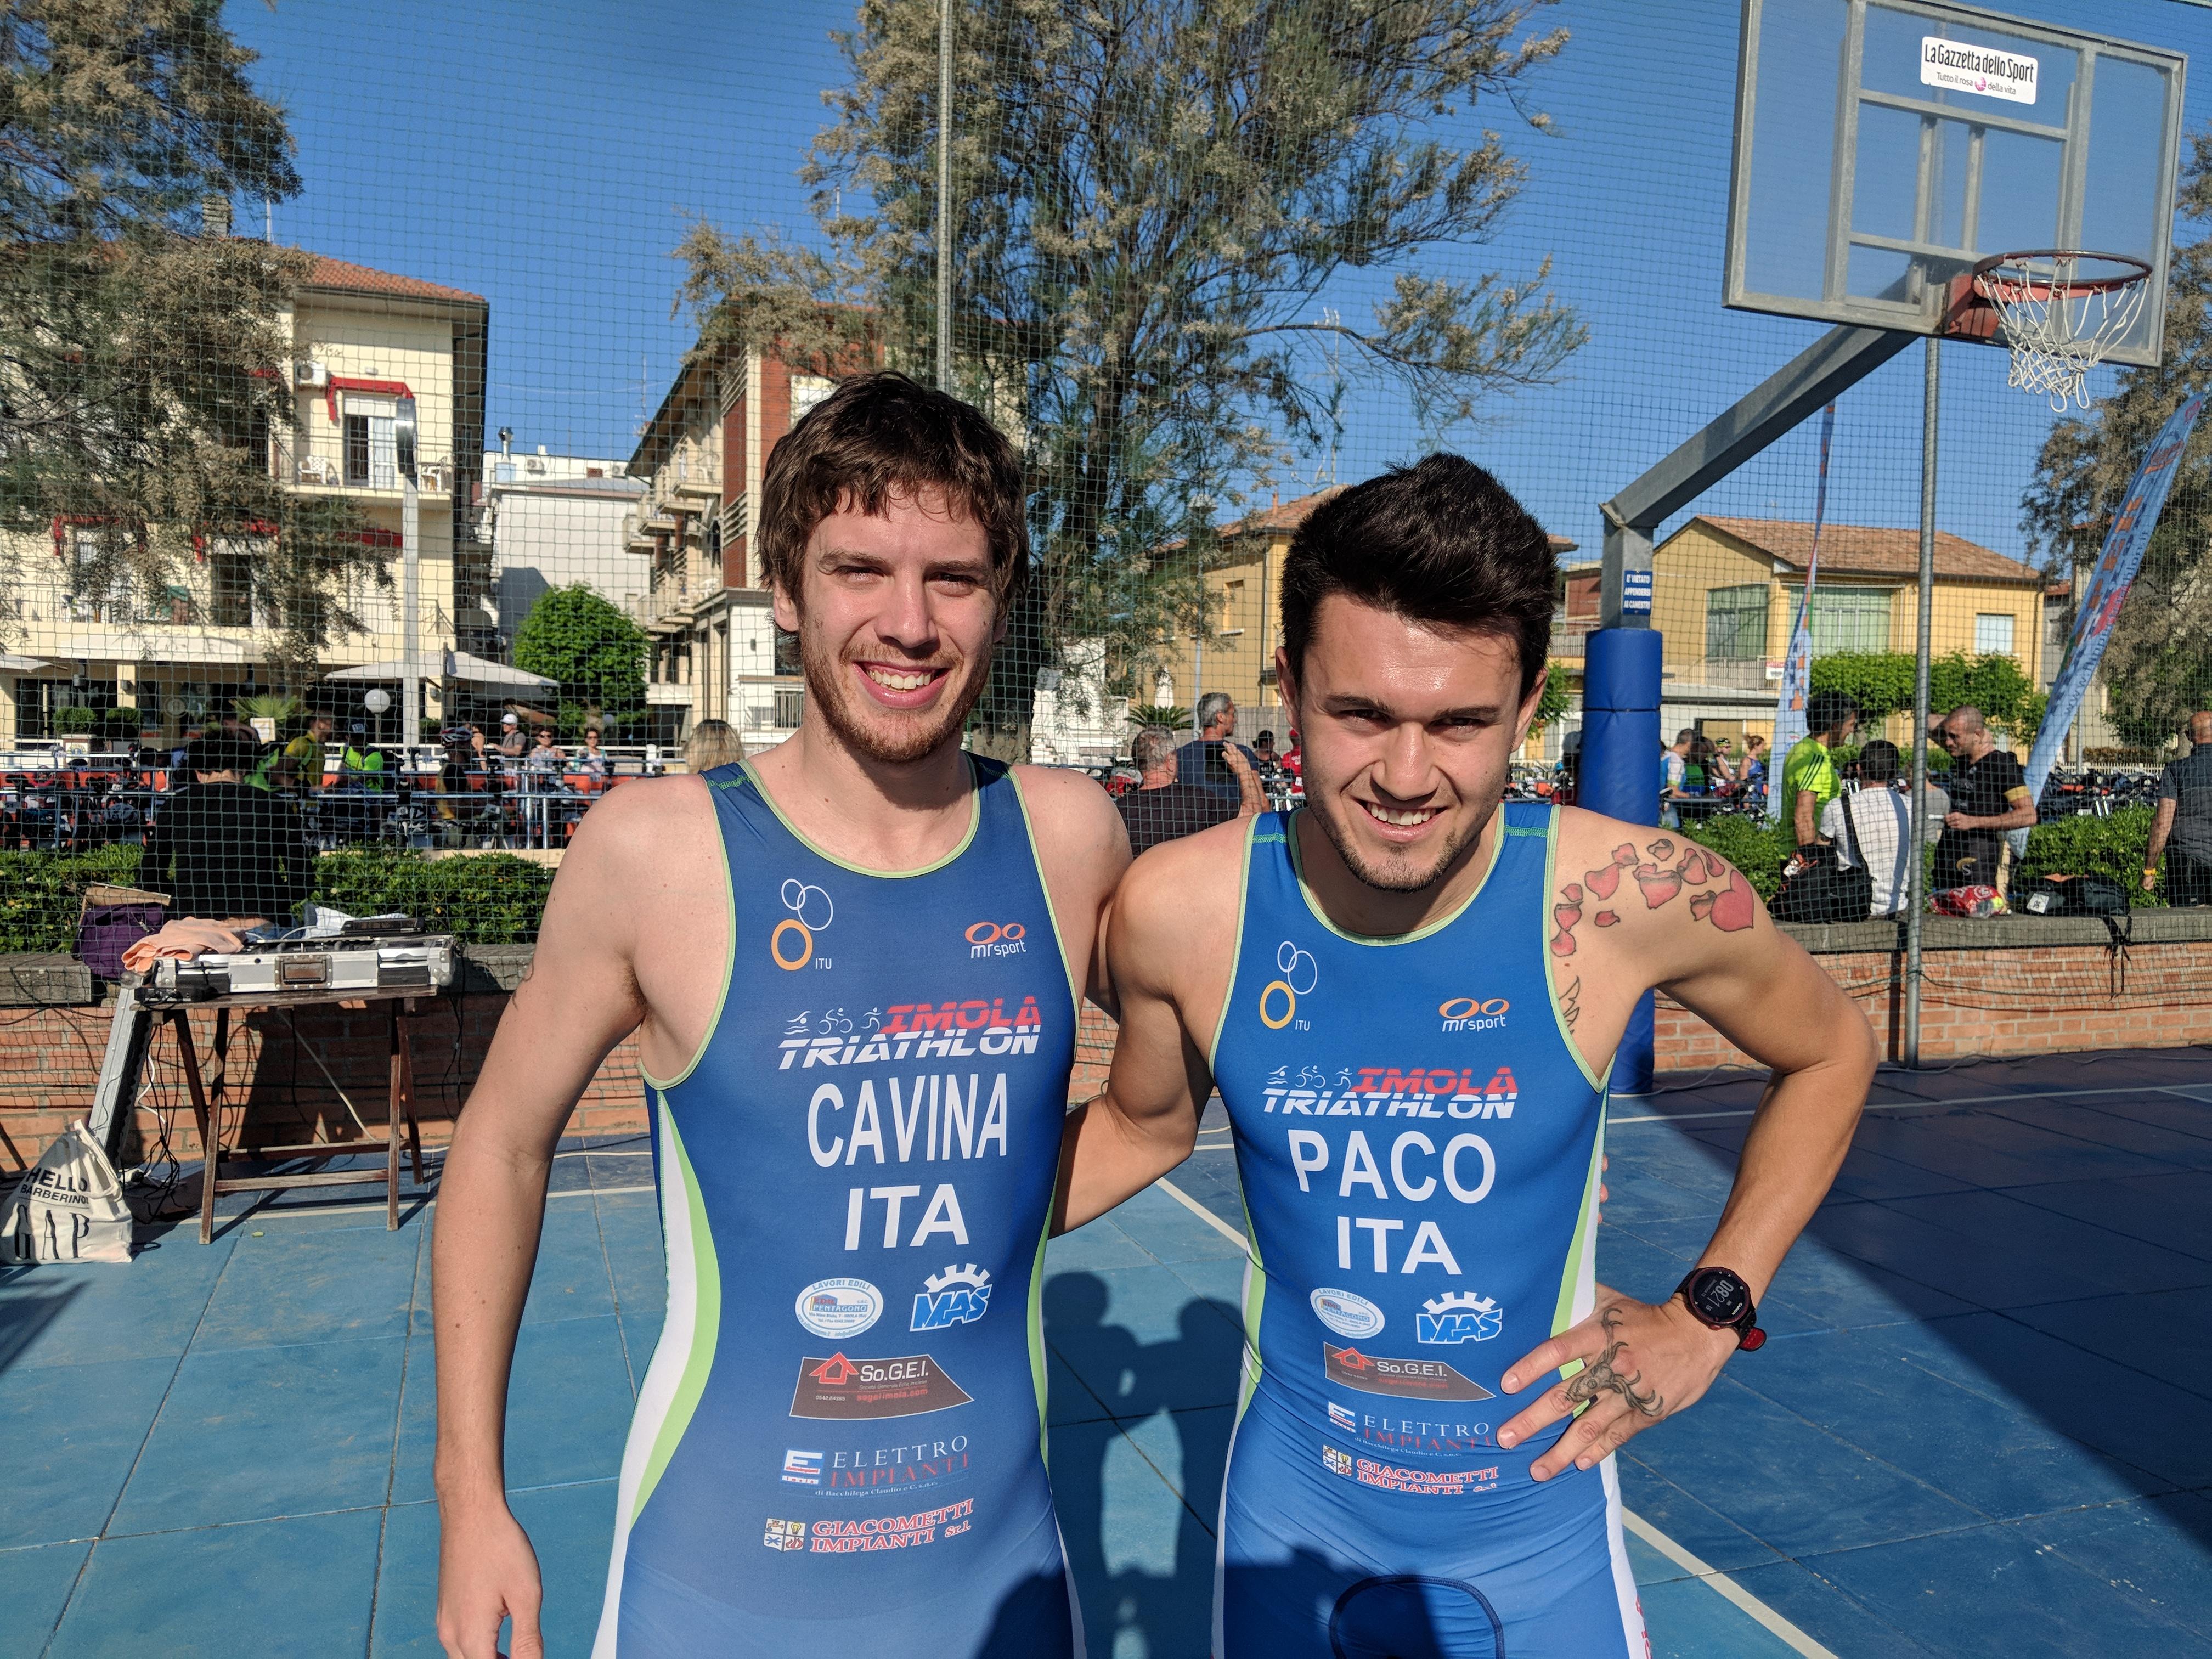 Triathlon di cervia cavina 2 assoluto imola triathlon - Bagno fantini cervia ...